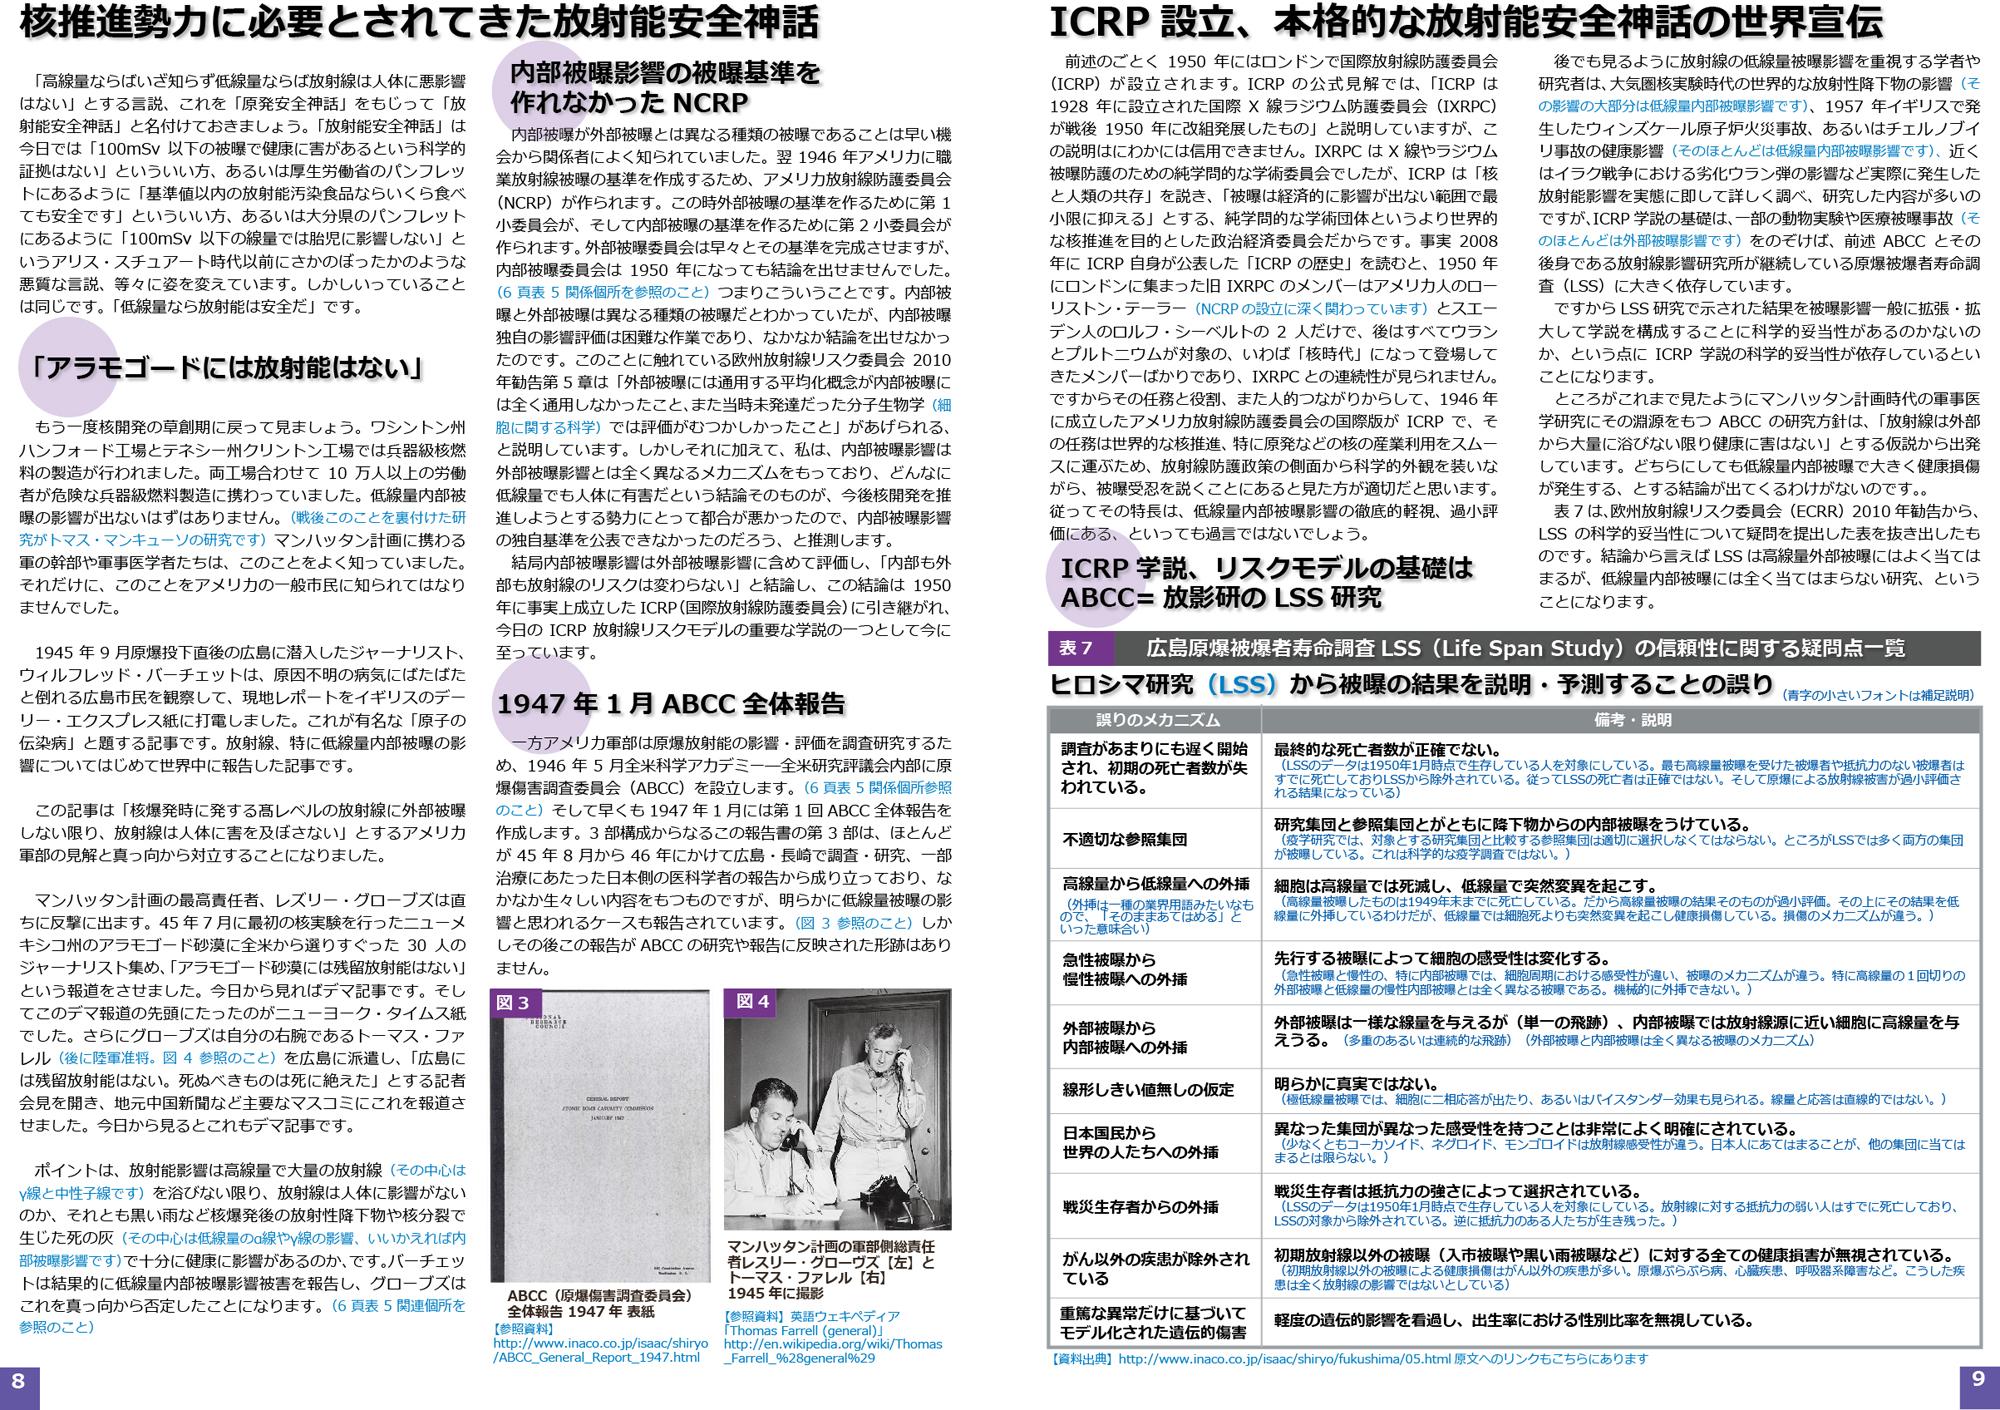 ファイル 311-5.jpg